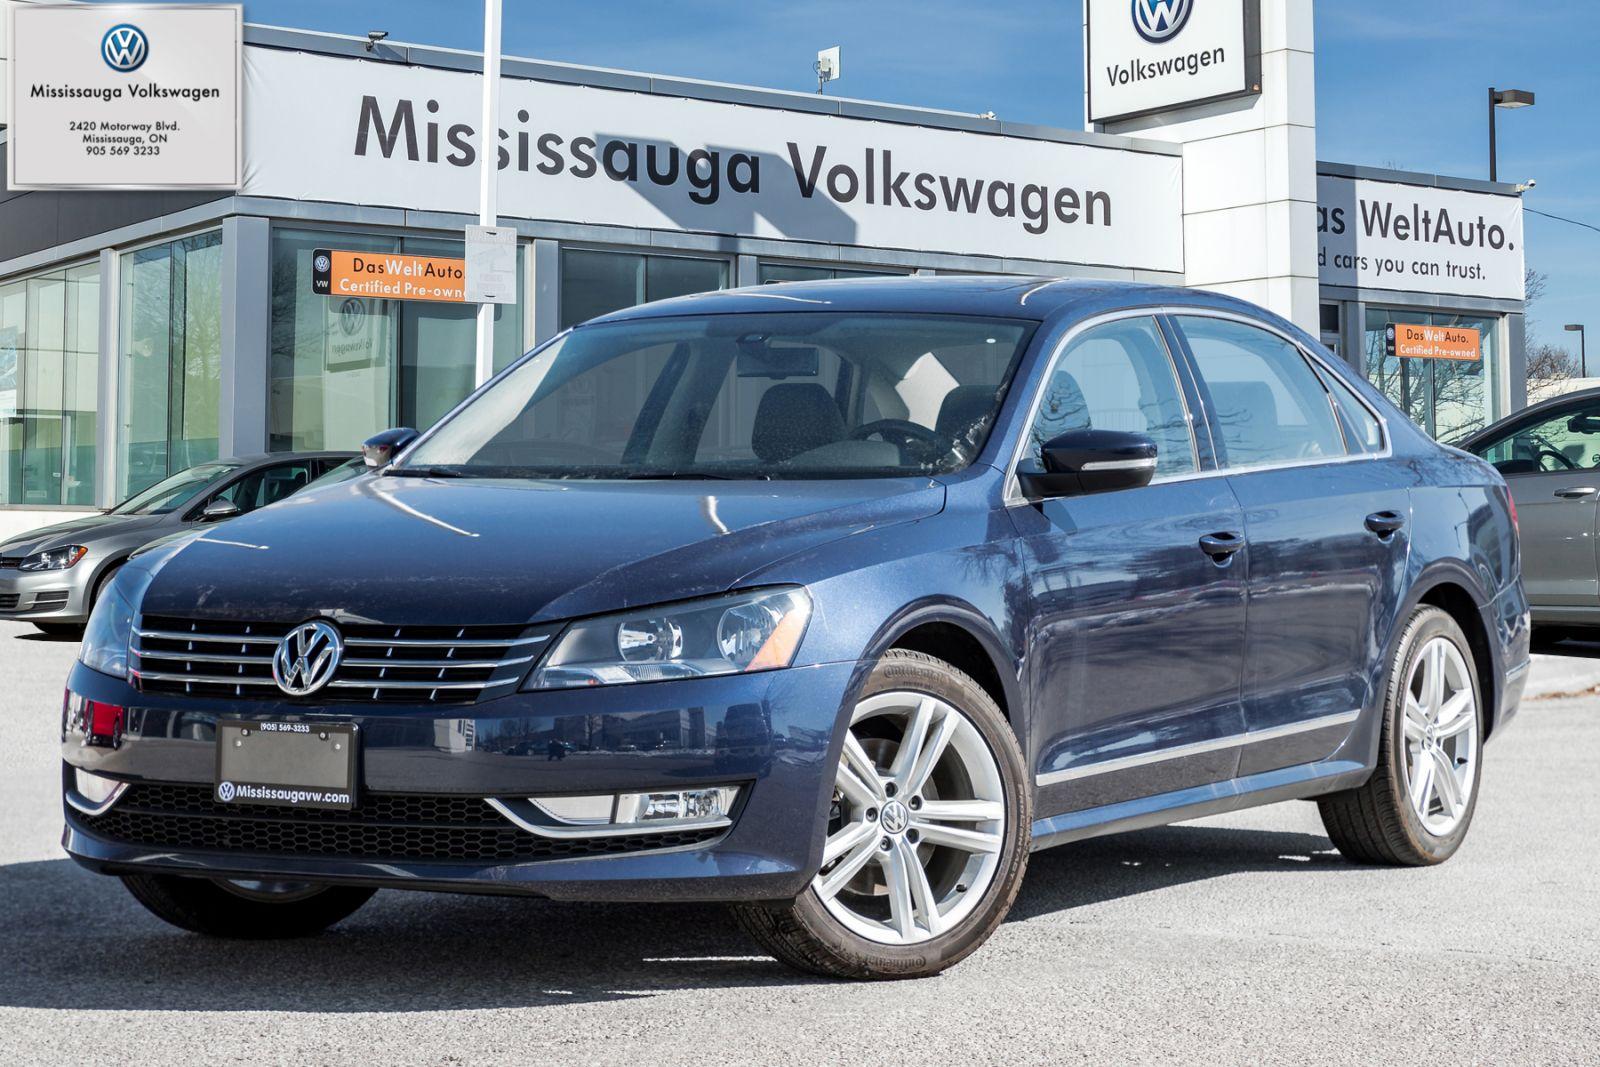 2015 Volkswagen Passat Image